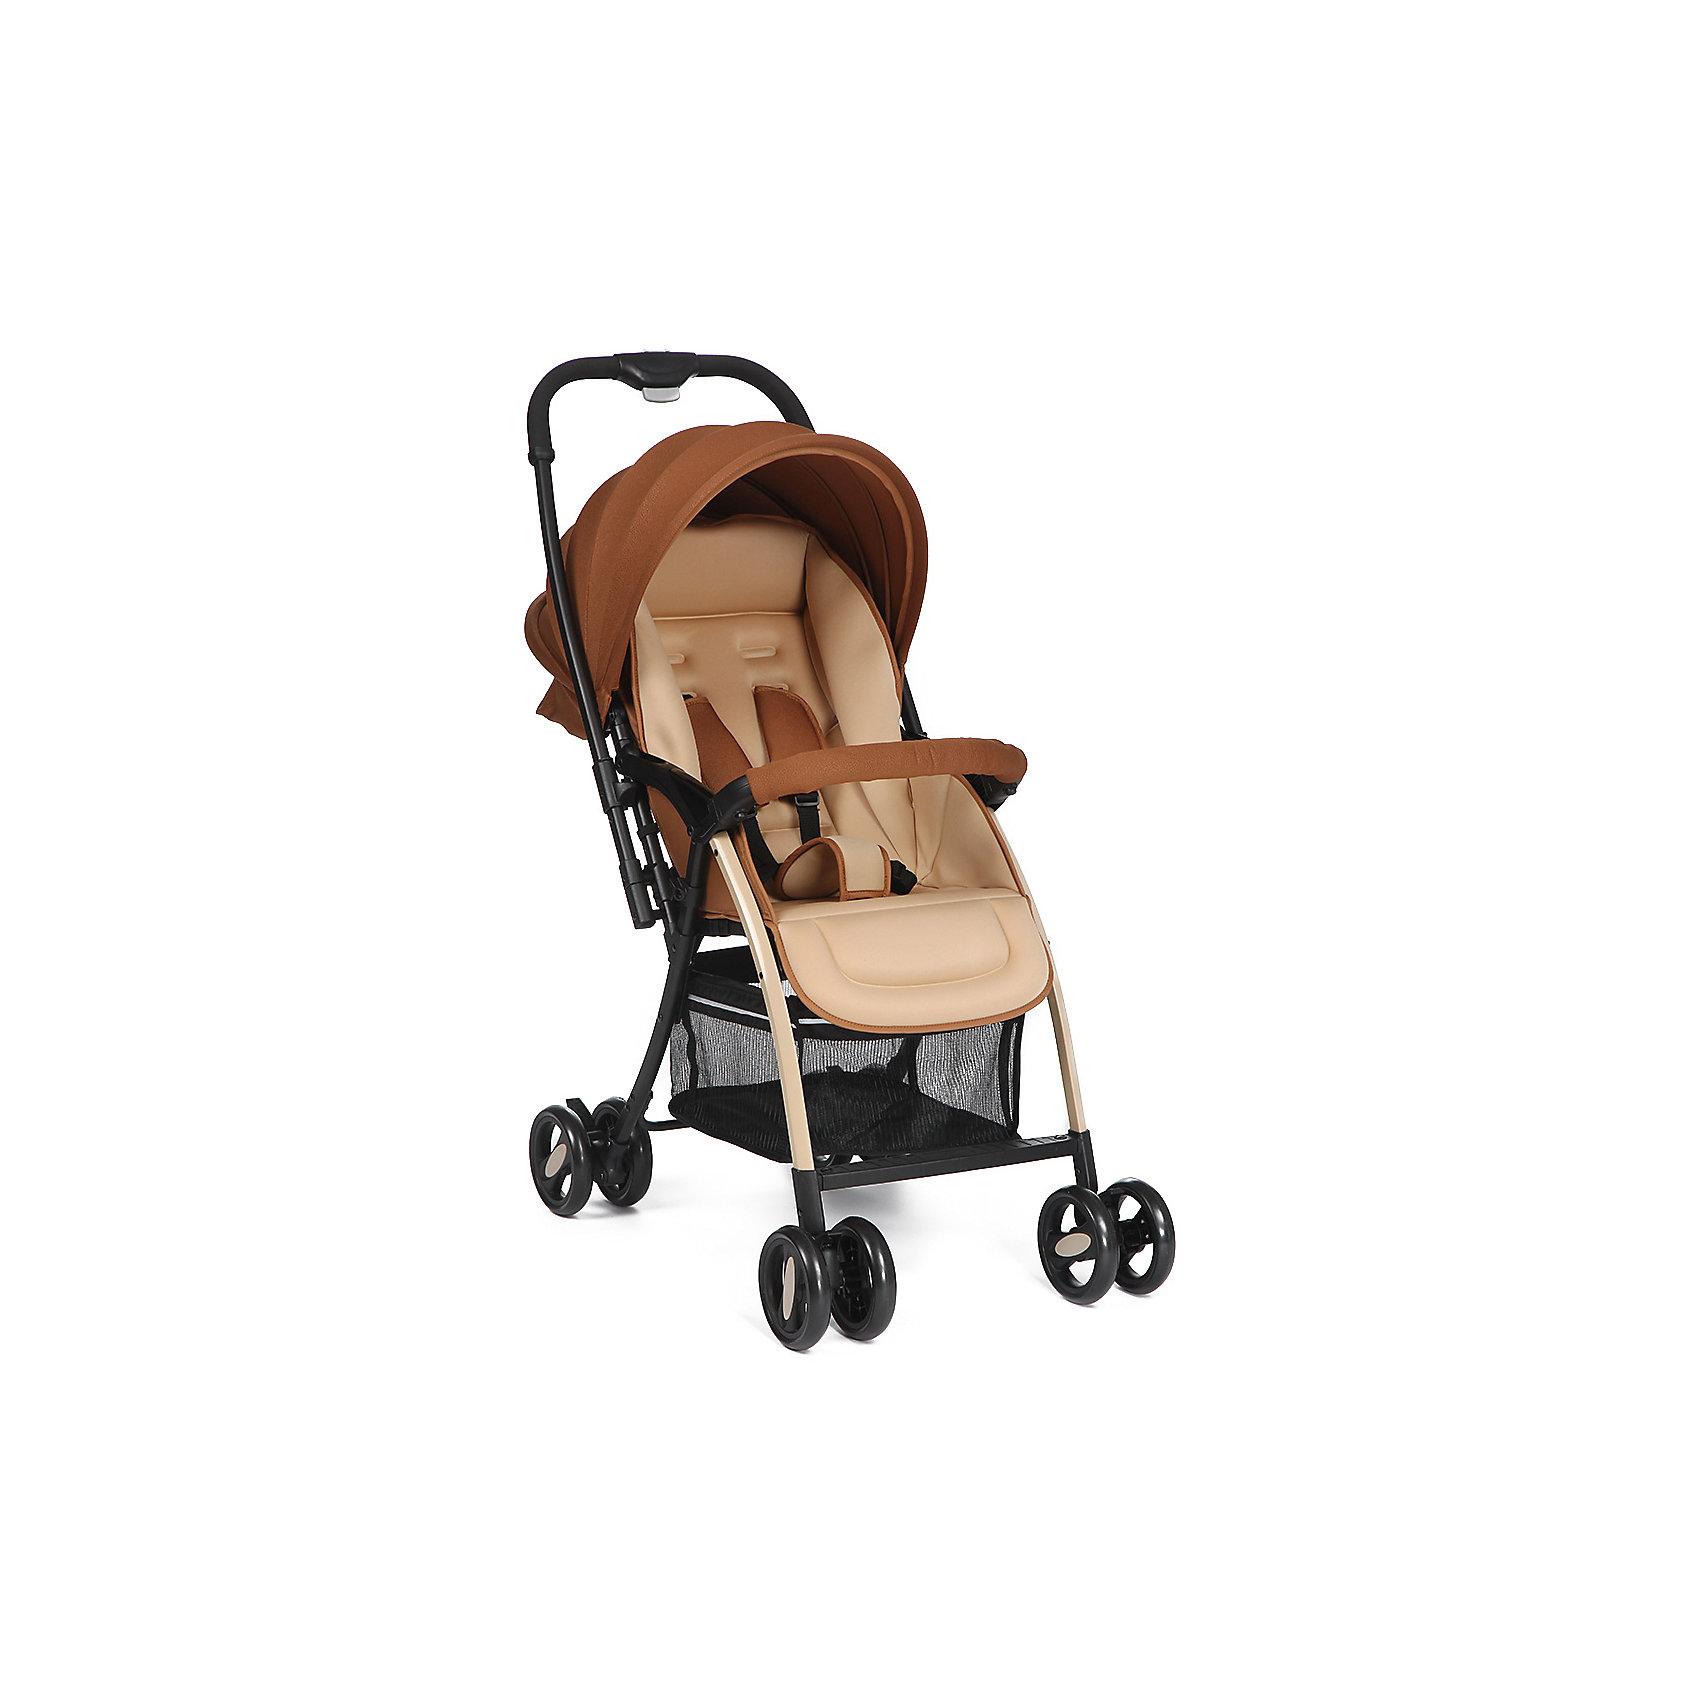 Прогулочная коляска S-6, Corol, бежевыйСтильная прогулочная коляска выполнена в современном и удобном дизайне. Прочная и удобная коляска позволит перевозить ребенка, не беспокоясь при этом о его безопасности. Приятный цвет коляски практичен и универсален. За счет продуманной формы колес и амортизации коляска отлично будет ехать как по не ровной дороге, так и по снегу. Коляска легкая и прочная.<br>Конструкция - очень устойчивая. Модель дополнена 5-точечными ремнями безопасности. Изделие произведено из качественных и безопасных для малышей материалов, оно соответствуют всем современным требованиям безопасности.<br><br>Дополнительная информация:<br><br>цвет: бежевый;<br>механизм складывания: книжка; <br>возраст ребенка: от 6 месяцев;<br>вес коляски: 5,5 кг;<br>4 колеса;<br>фиксация задних колес;<br>регулировка подножки по высоте;<br>с перекидной ручкой;<br>ремни безопасности: пятиточечные;<br>с широким сидением;<br>большой капюшон;<br>съемный бампер<br>максимальная нагрузка: 15 кг;<br>размер коляски в разложенном виде: 51 x 103 x 87 см.<br><br>Прогулочную коляску S-6, бежевый от компании Corol можно купить в нашем магазине.<br><br>Ширина мм: 1200<br>Глубина мм: 530<br>Высота мм: 720<br>Вес г: 4500<br>Возраст от месяцев: 6<br>Возраст до месяцев: 36<br>Пол: Унисекс<br>Возраст: Детский<br>SKU: 4778508